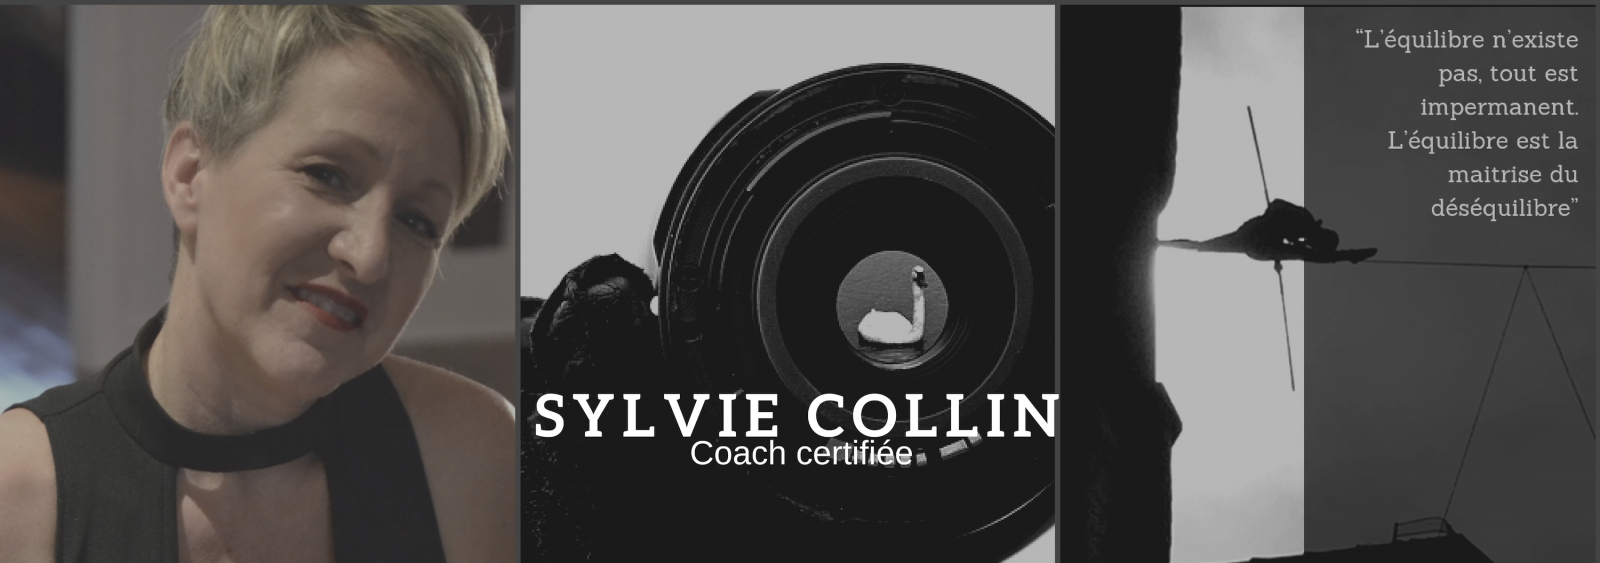 sylvie collin